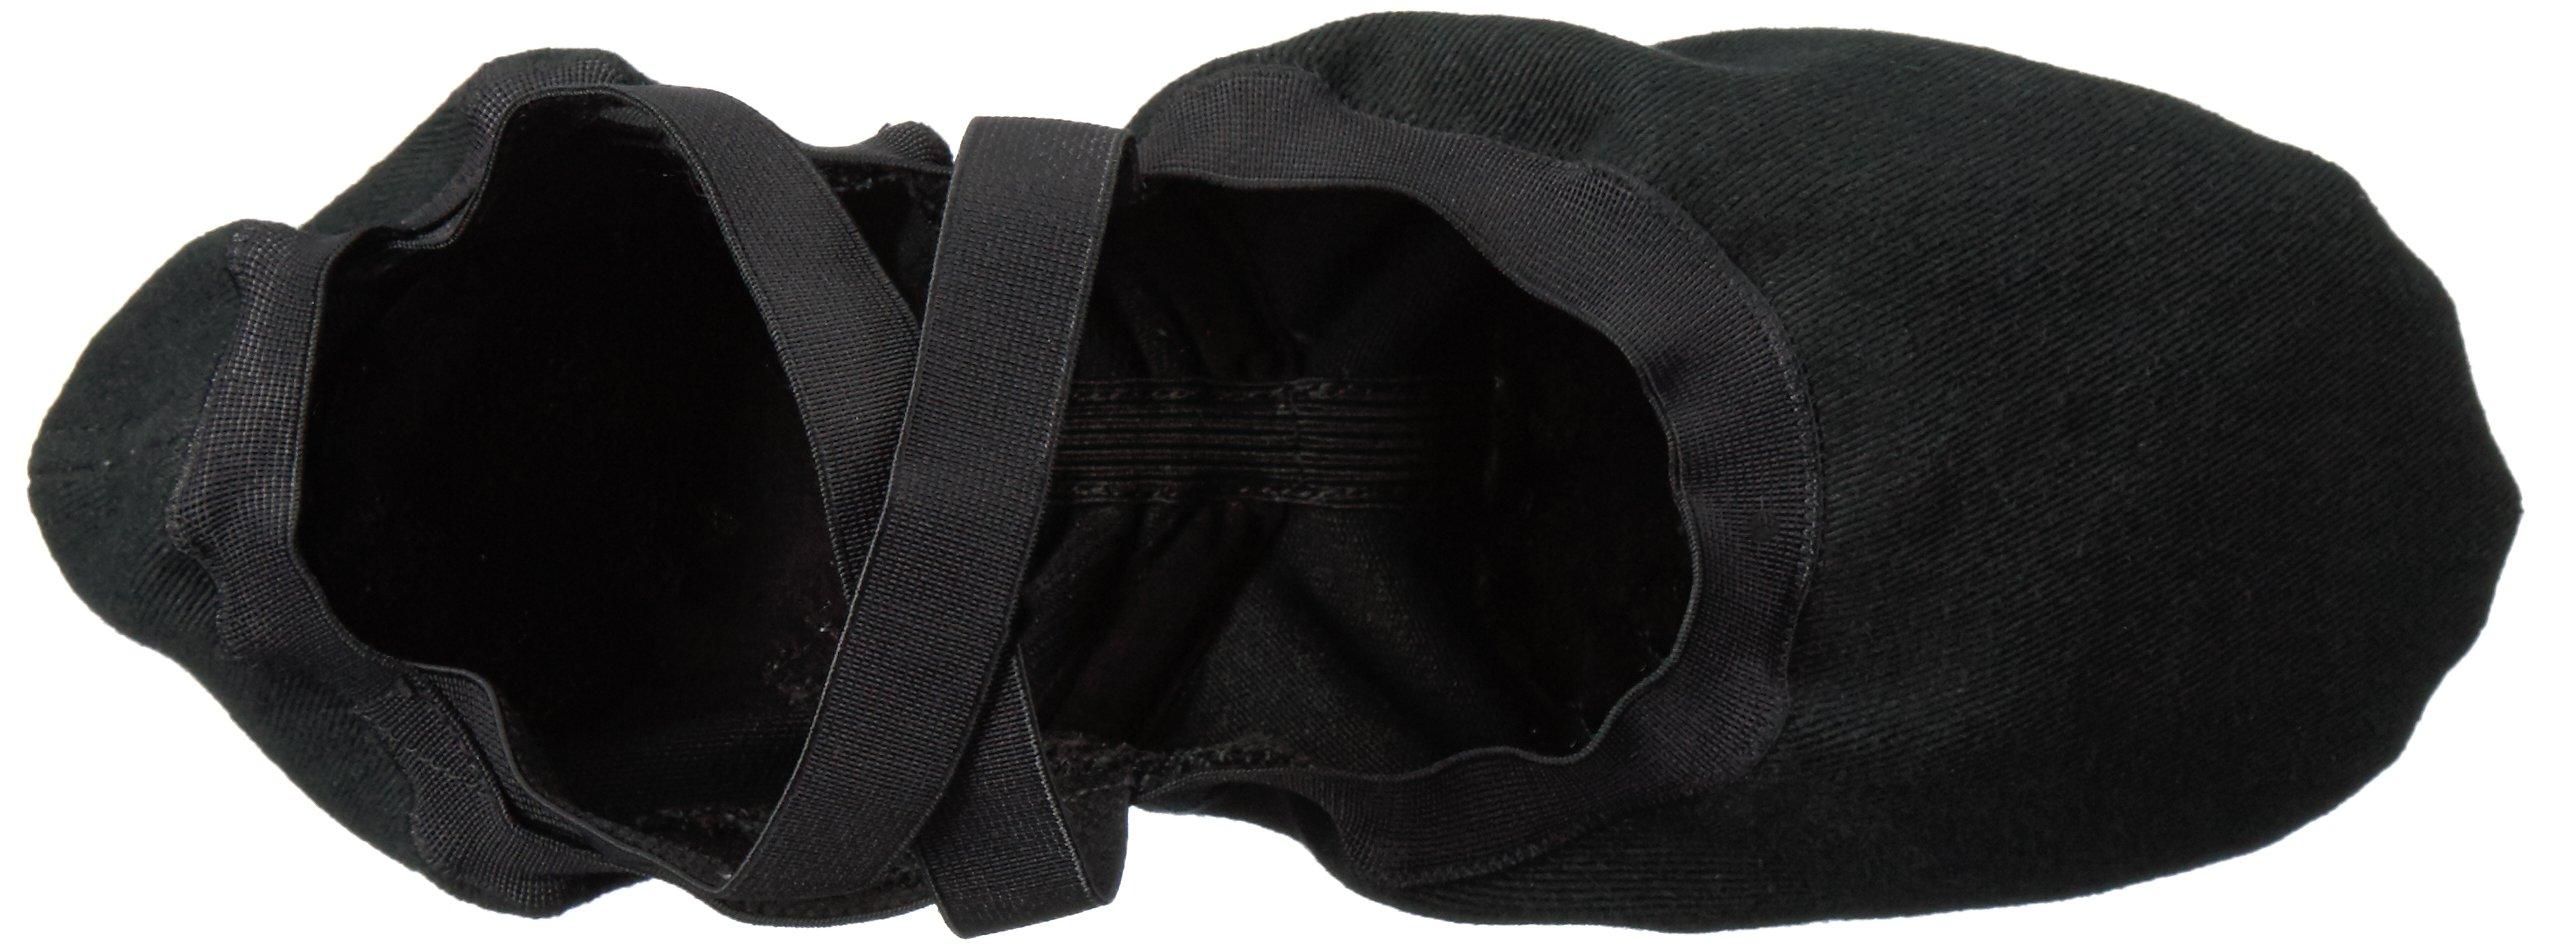 Bloch Men's Synchrony Dance Shoe, Black, 8.5 B US by Bloch